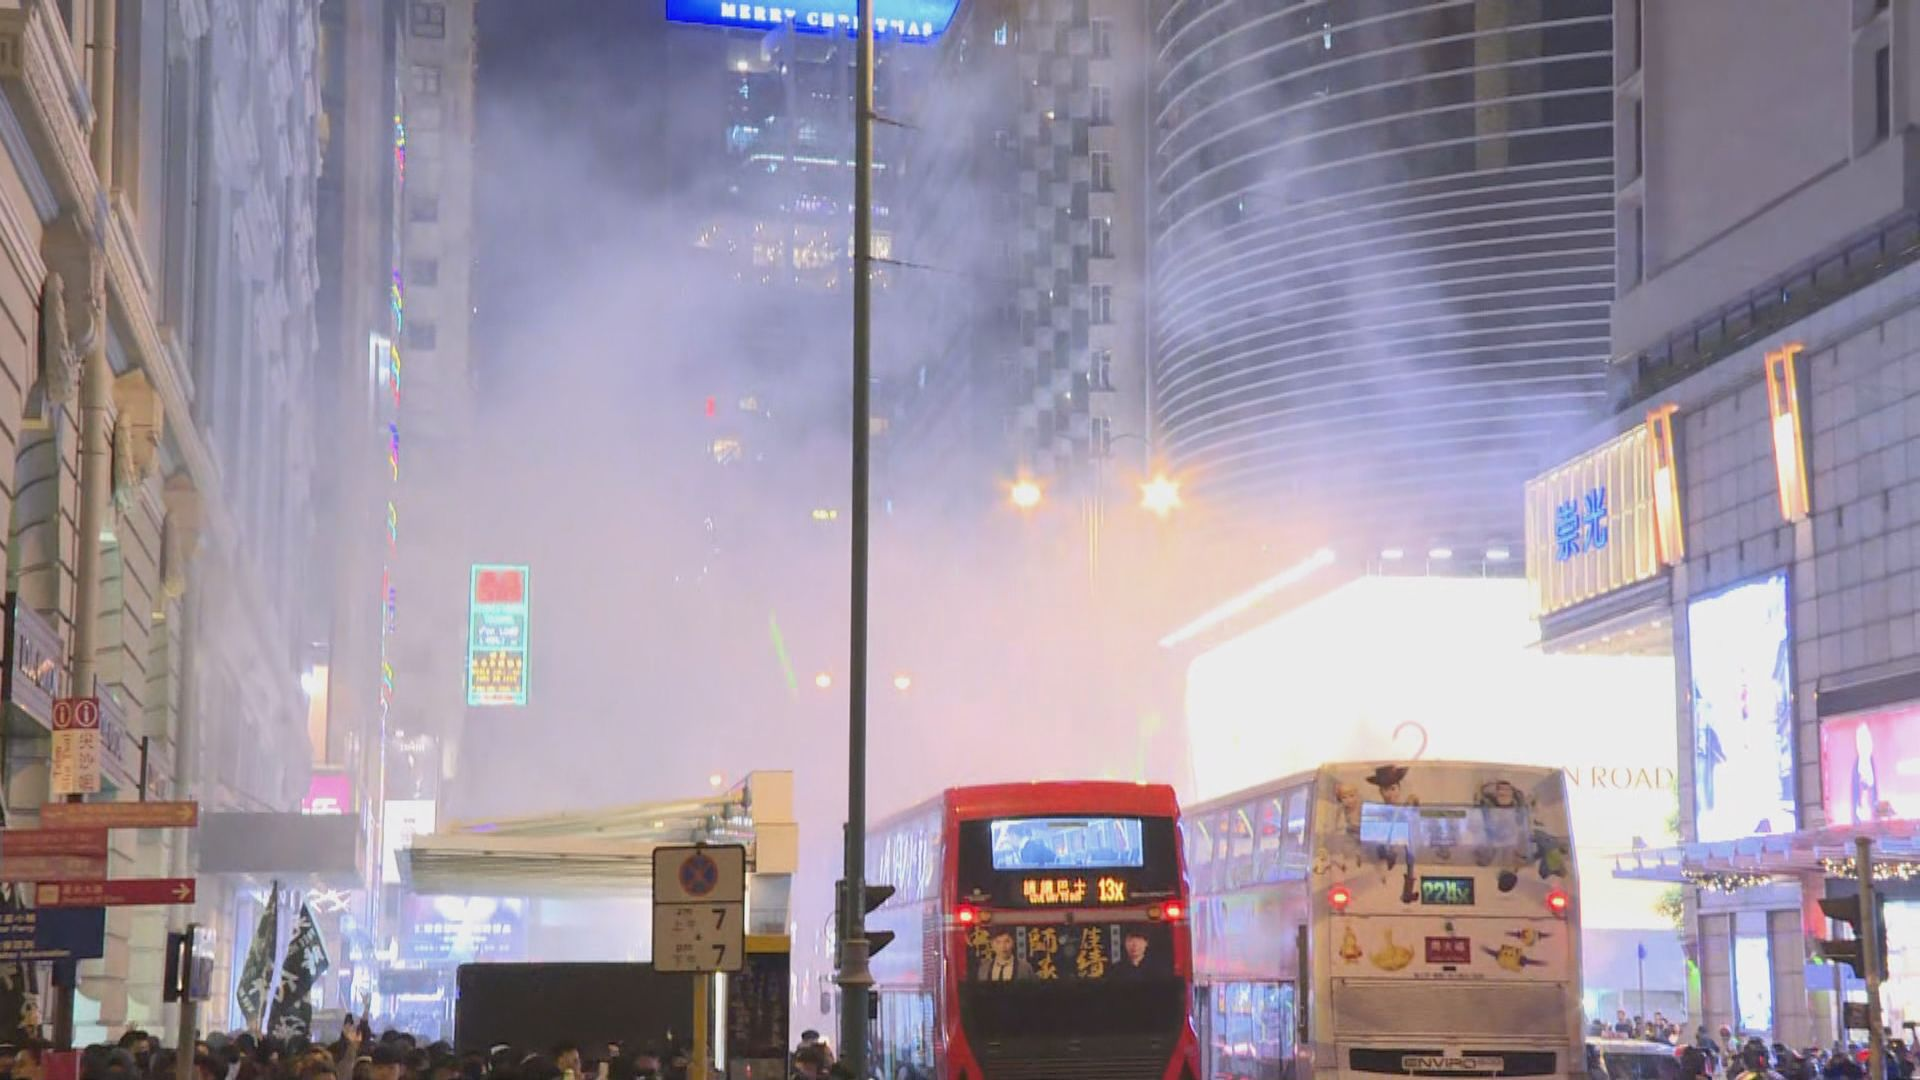 有示威者走出彌敦道 警方施放催淚彈驅散